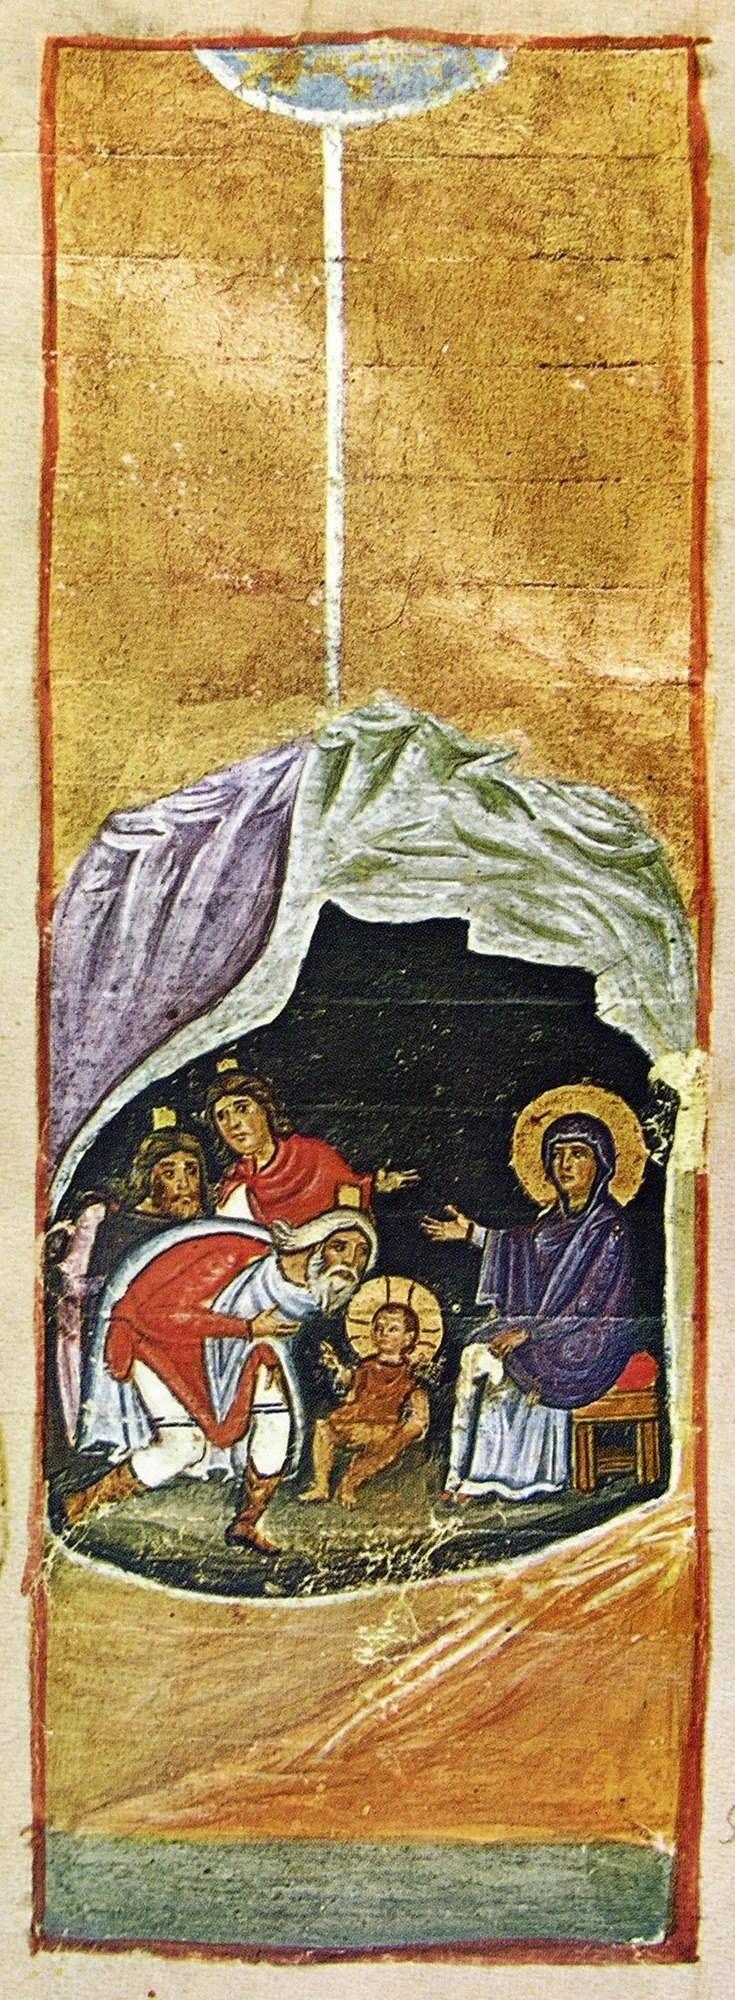 ... Χριστός γεννάται, δοξάσατε, Χριστός εξ ουρανών, απαντήσατε, Χριστός επί γης, υψώθηκε. Ασατε τω Κυρίω πάσα η γη...